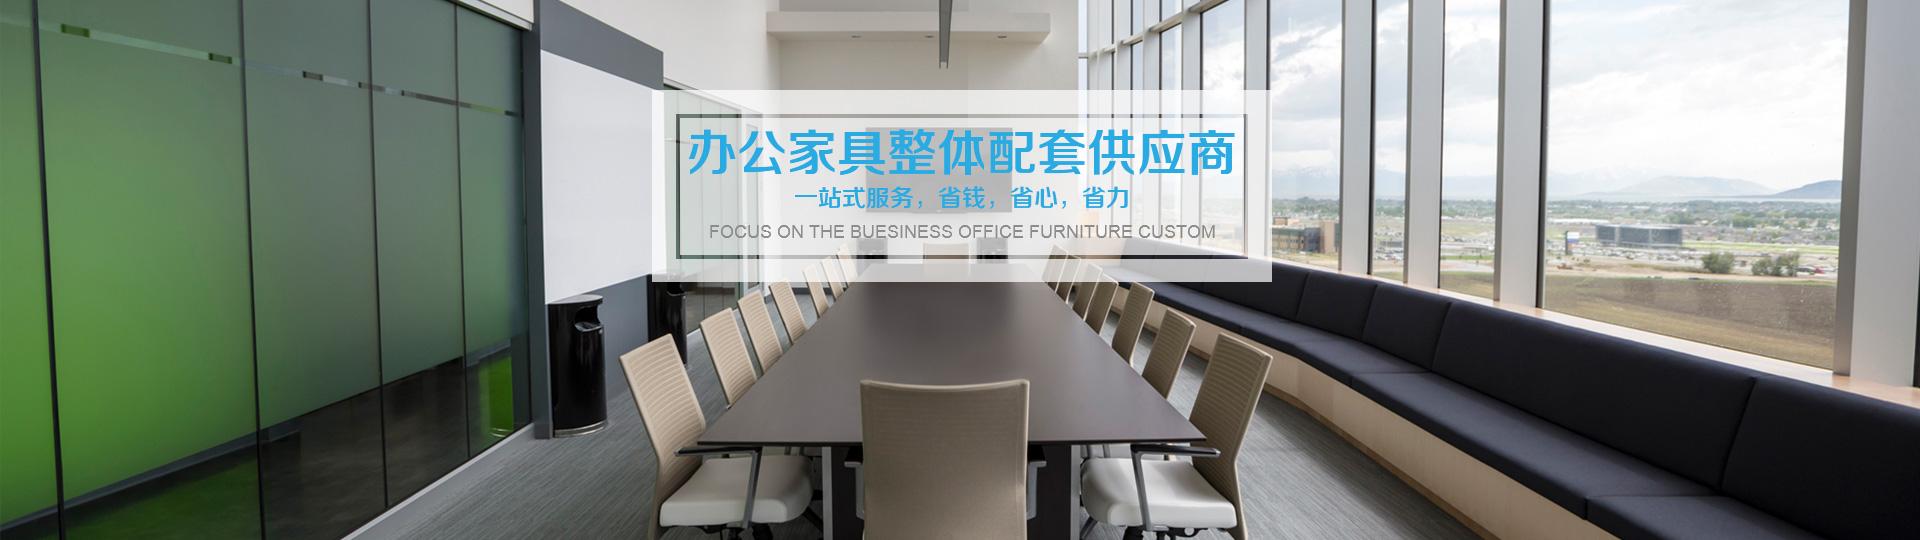 南宁办公家具,广西办公家具批发,广西办公桌椅批发,南宁办公家具定做